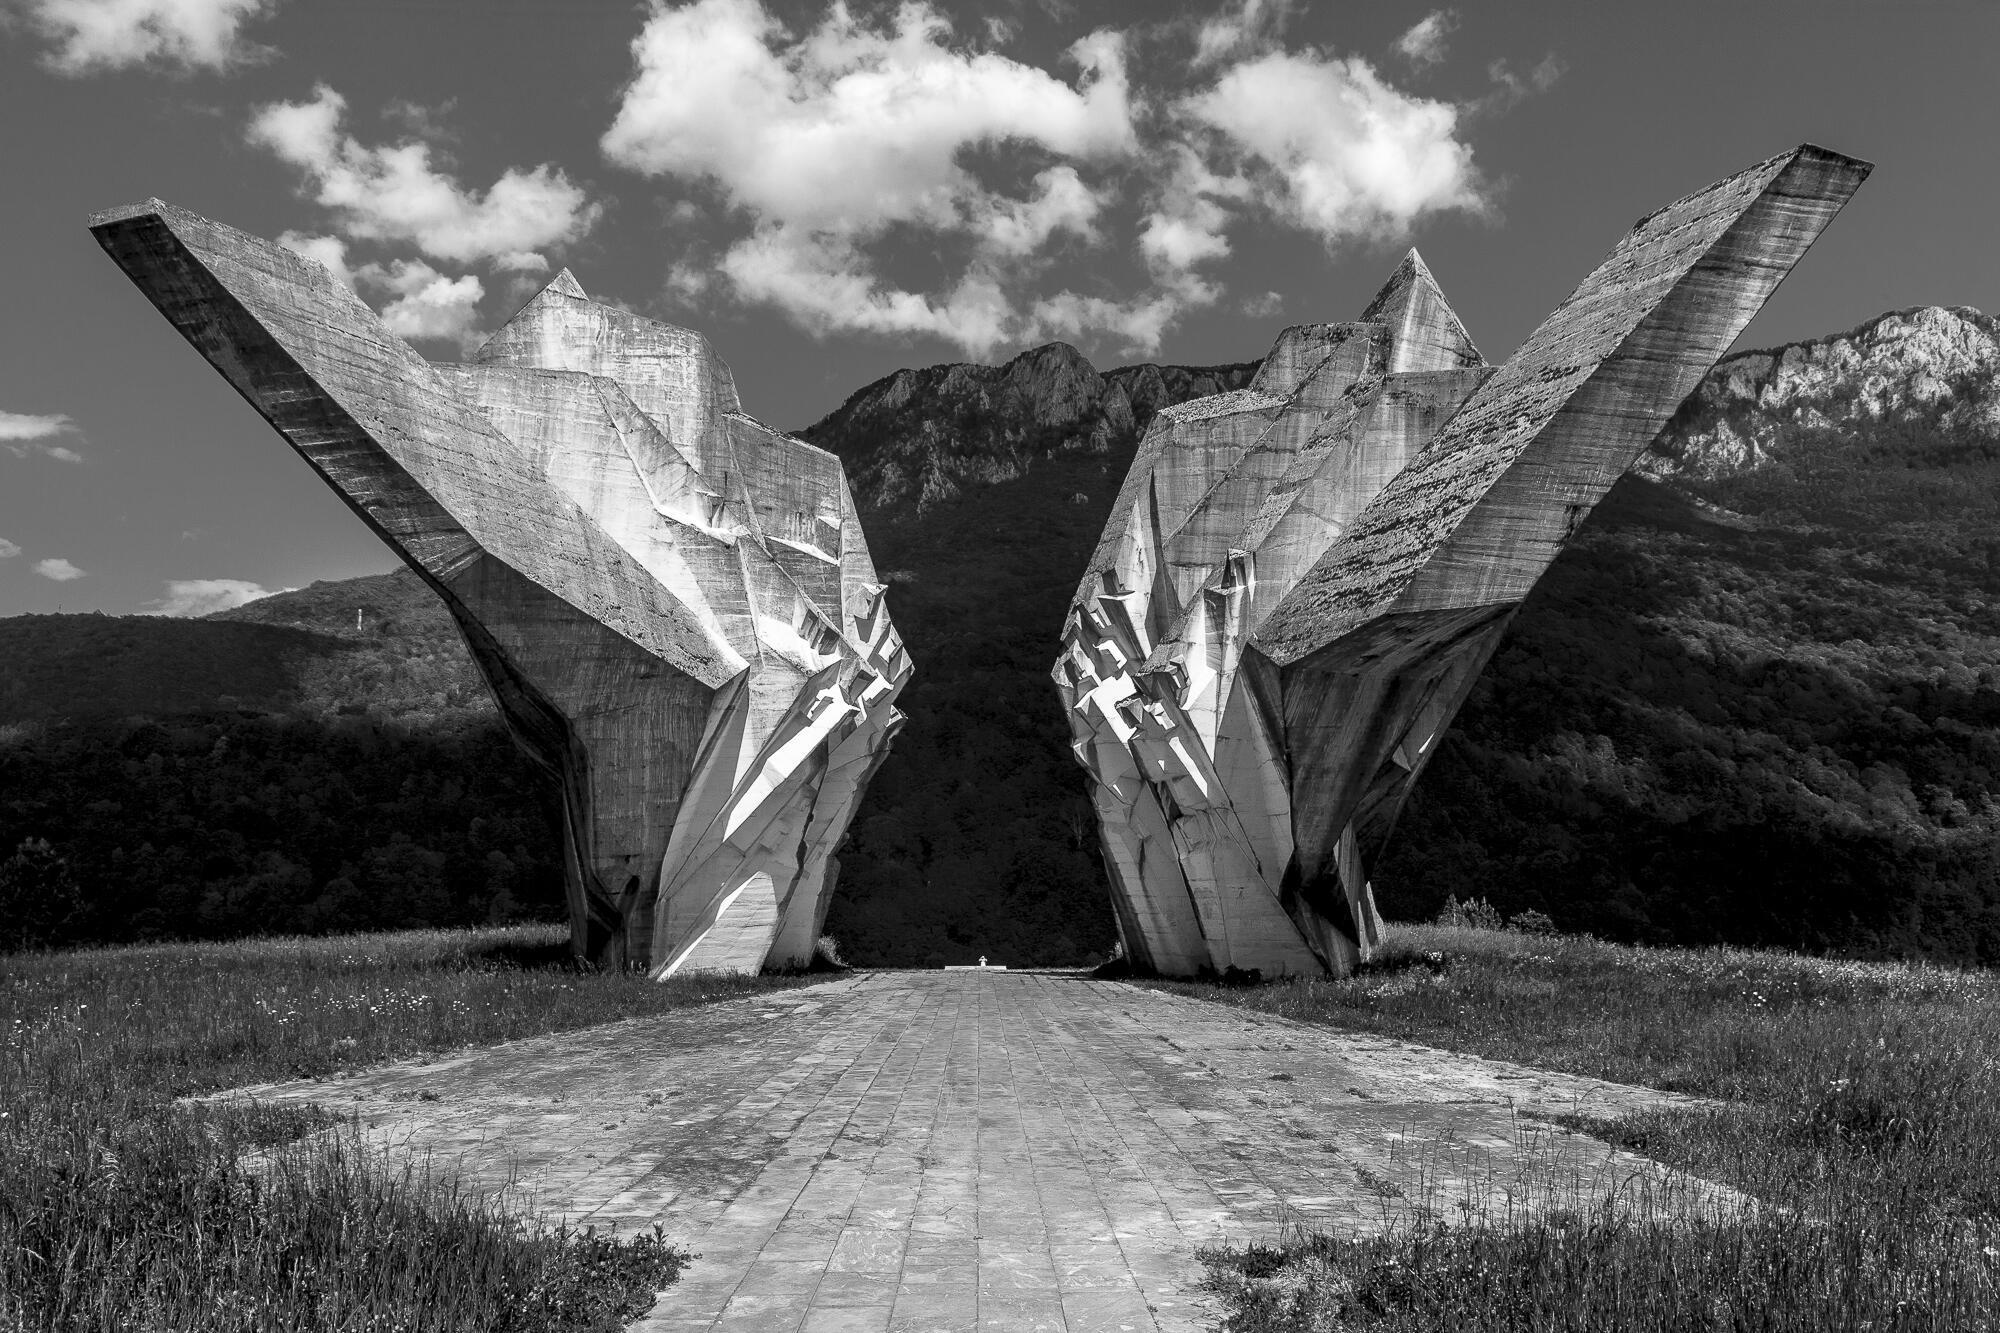 Le monument à la bataille de Sutjeska du sculpteur Miodrag Živković, inauguré en 1971. Bosnie-Herzégovine, 2014.